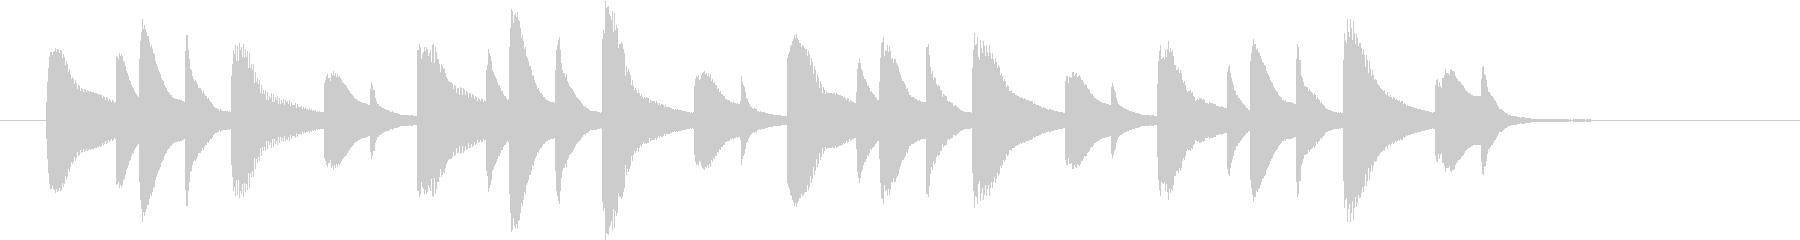 明るめの場面切り替えに使えるジングルの未再生の波形